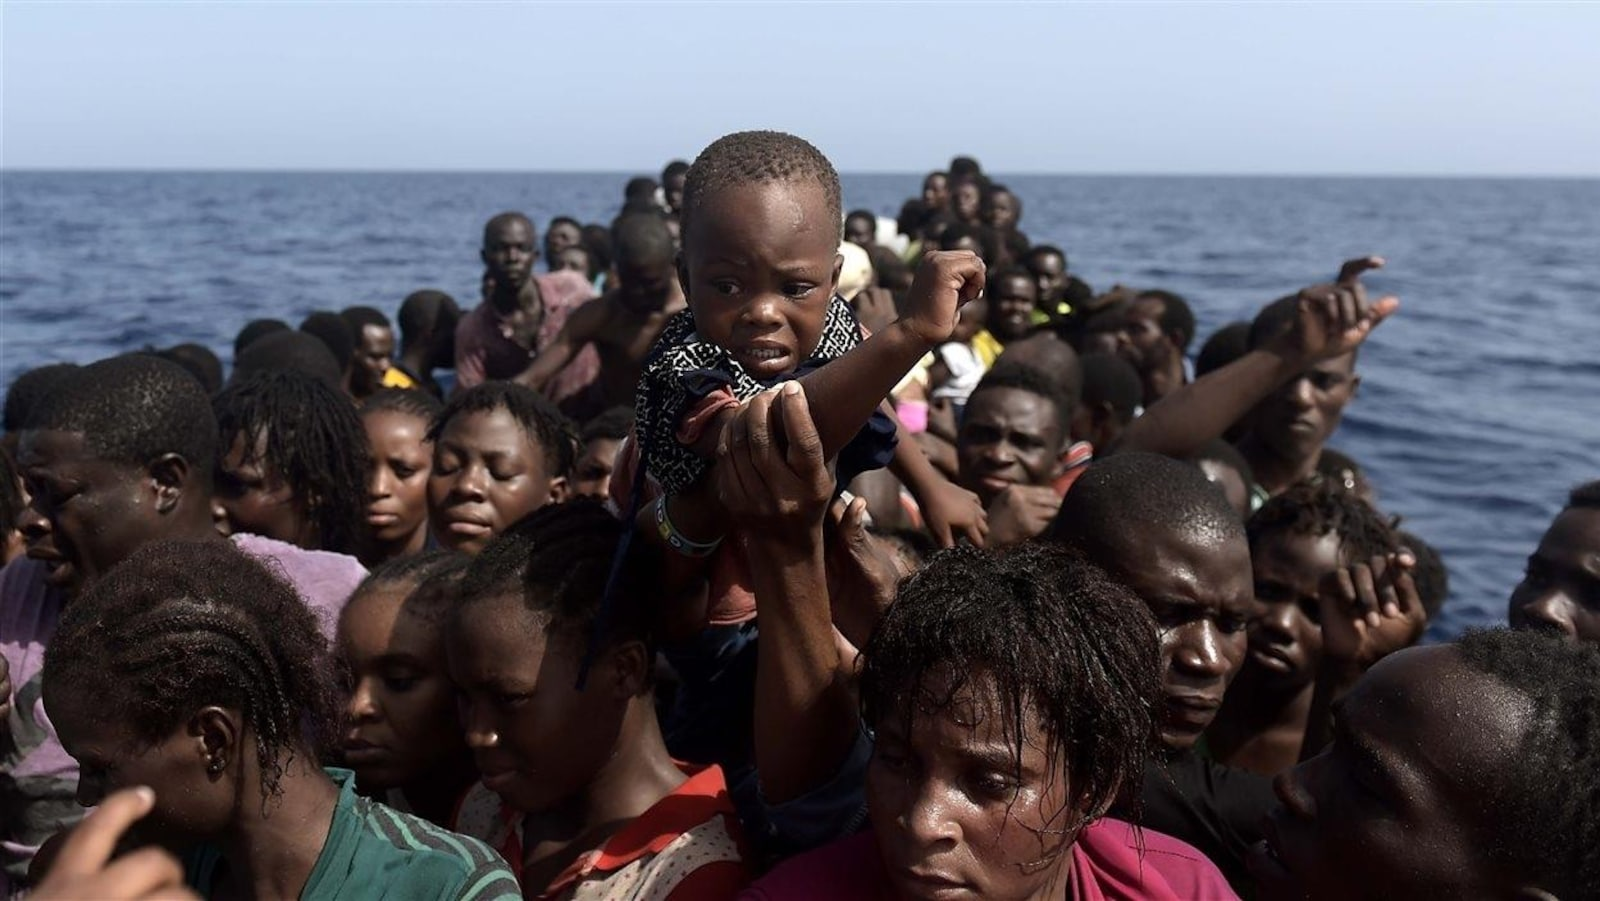 De nombreux enfants migrants traversent la méditerranée sur des bateaux de fortune.